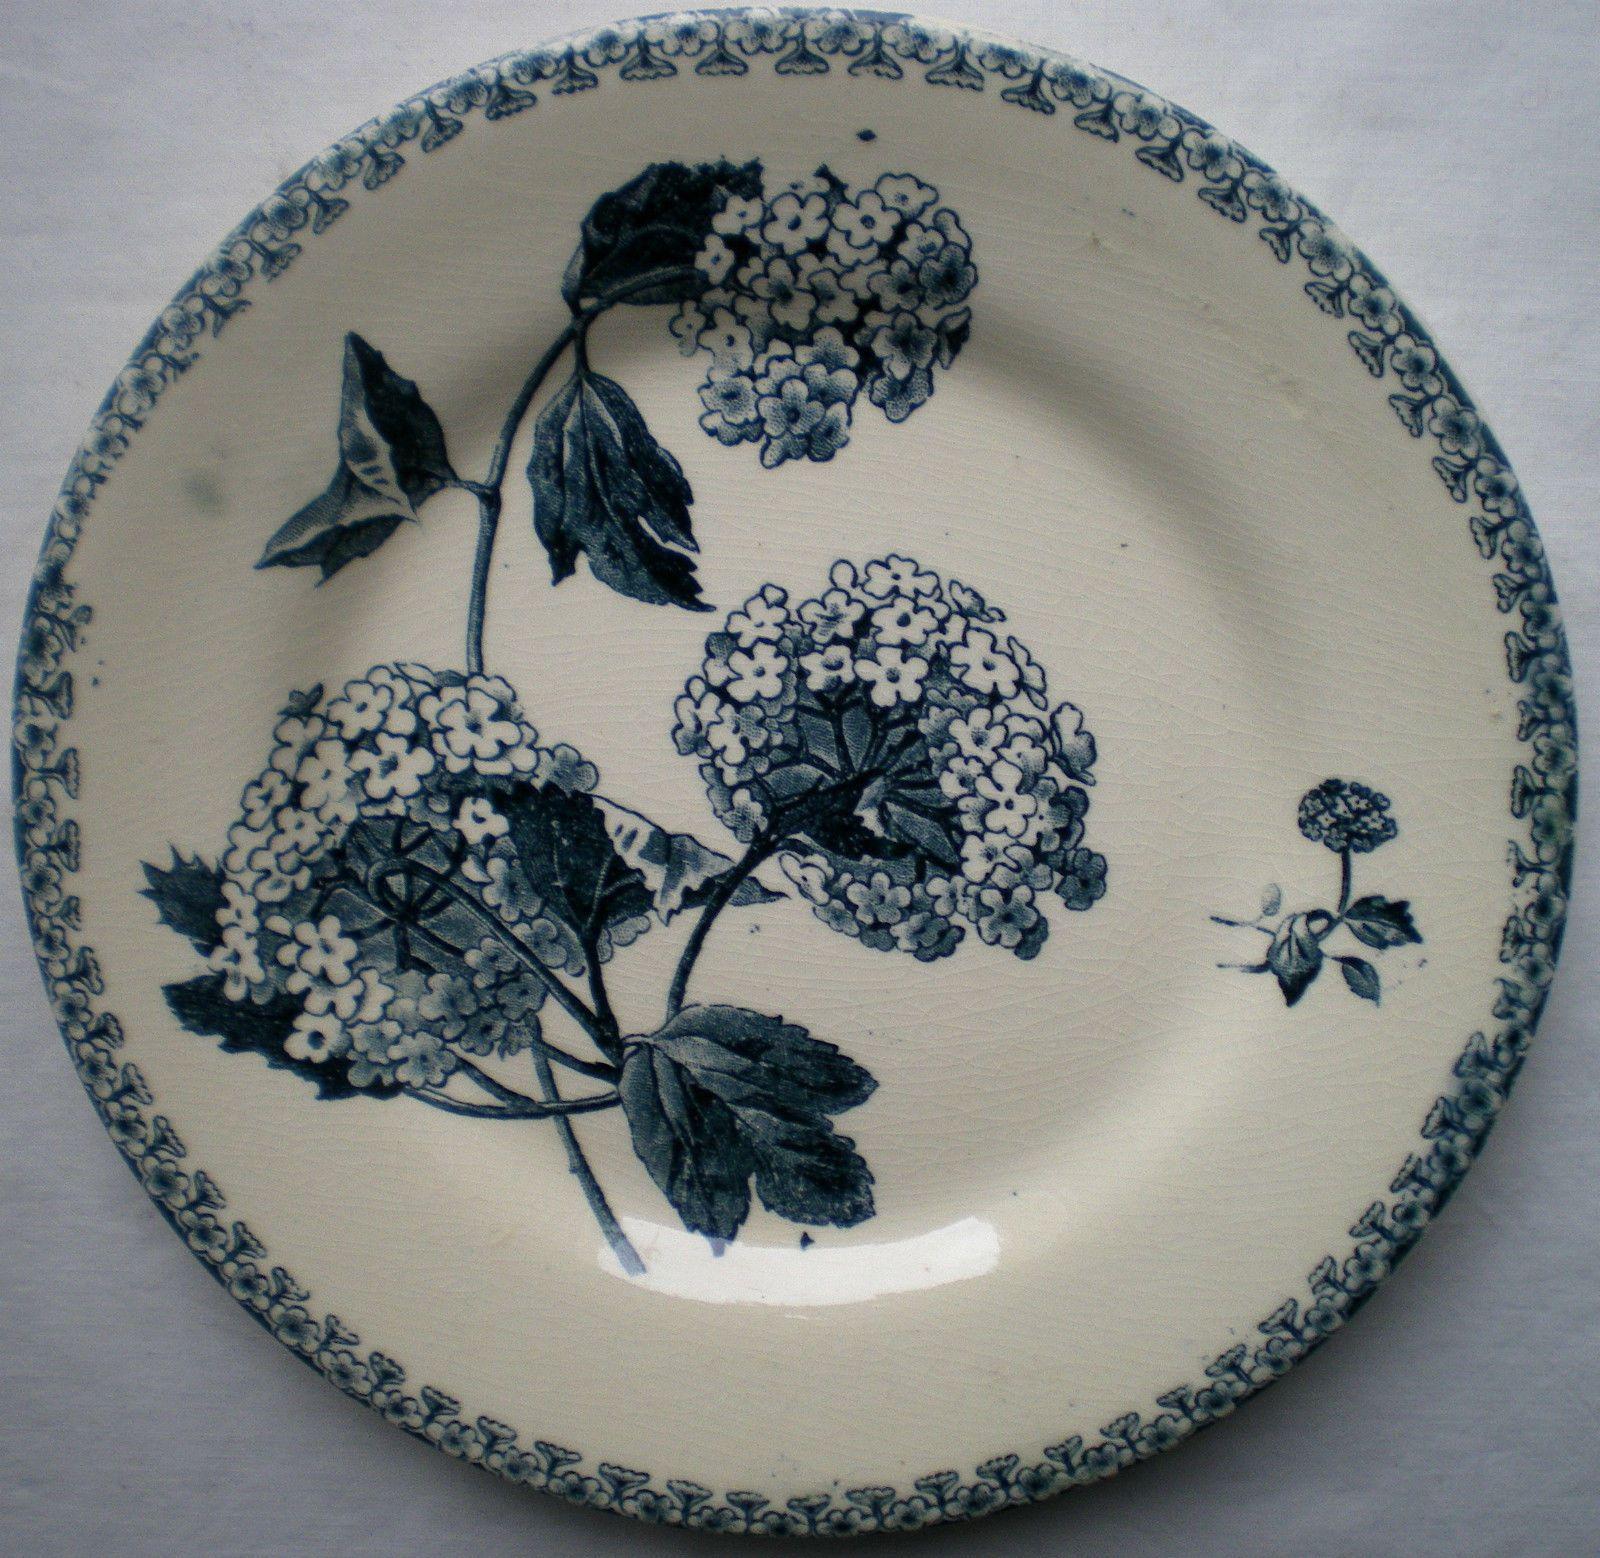 assiette art nouveau terre de fer boule de neige en gris bleu sign e gien ebay d co table. Black Bedroom Furniture Sets. Home Design Ideas